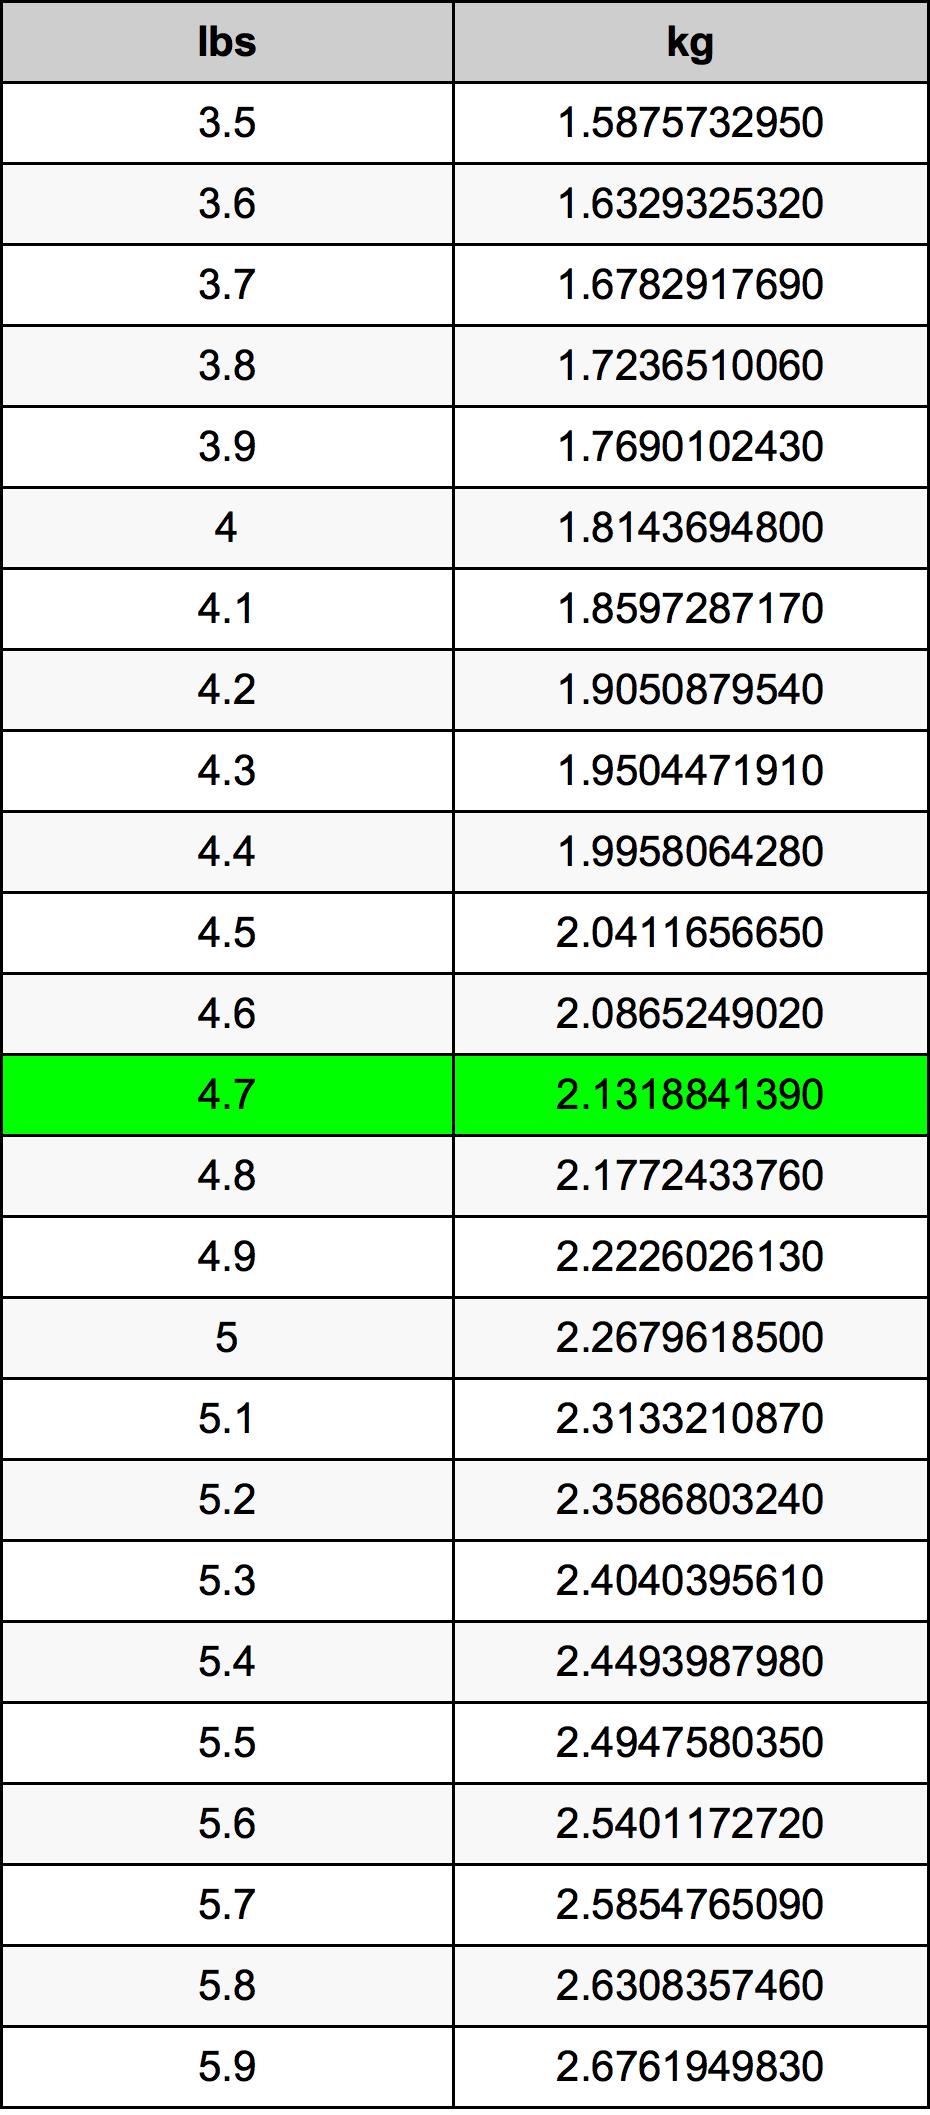 4.7 λίμπρα Πίνακας Μετατροπής